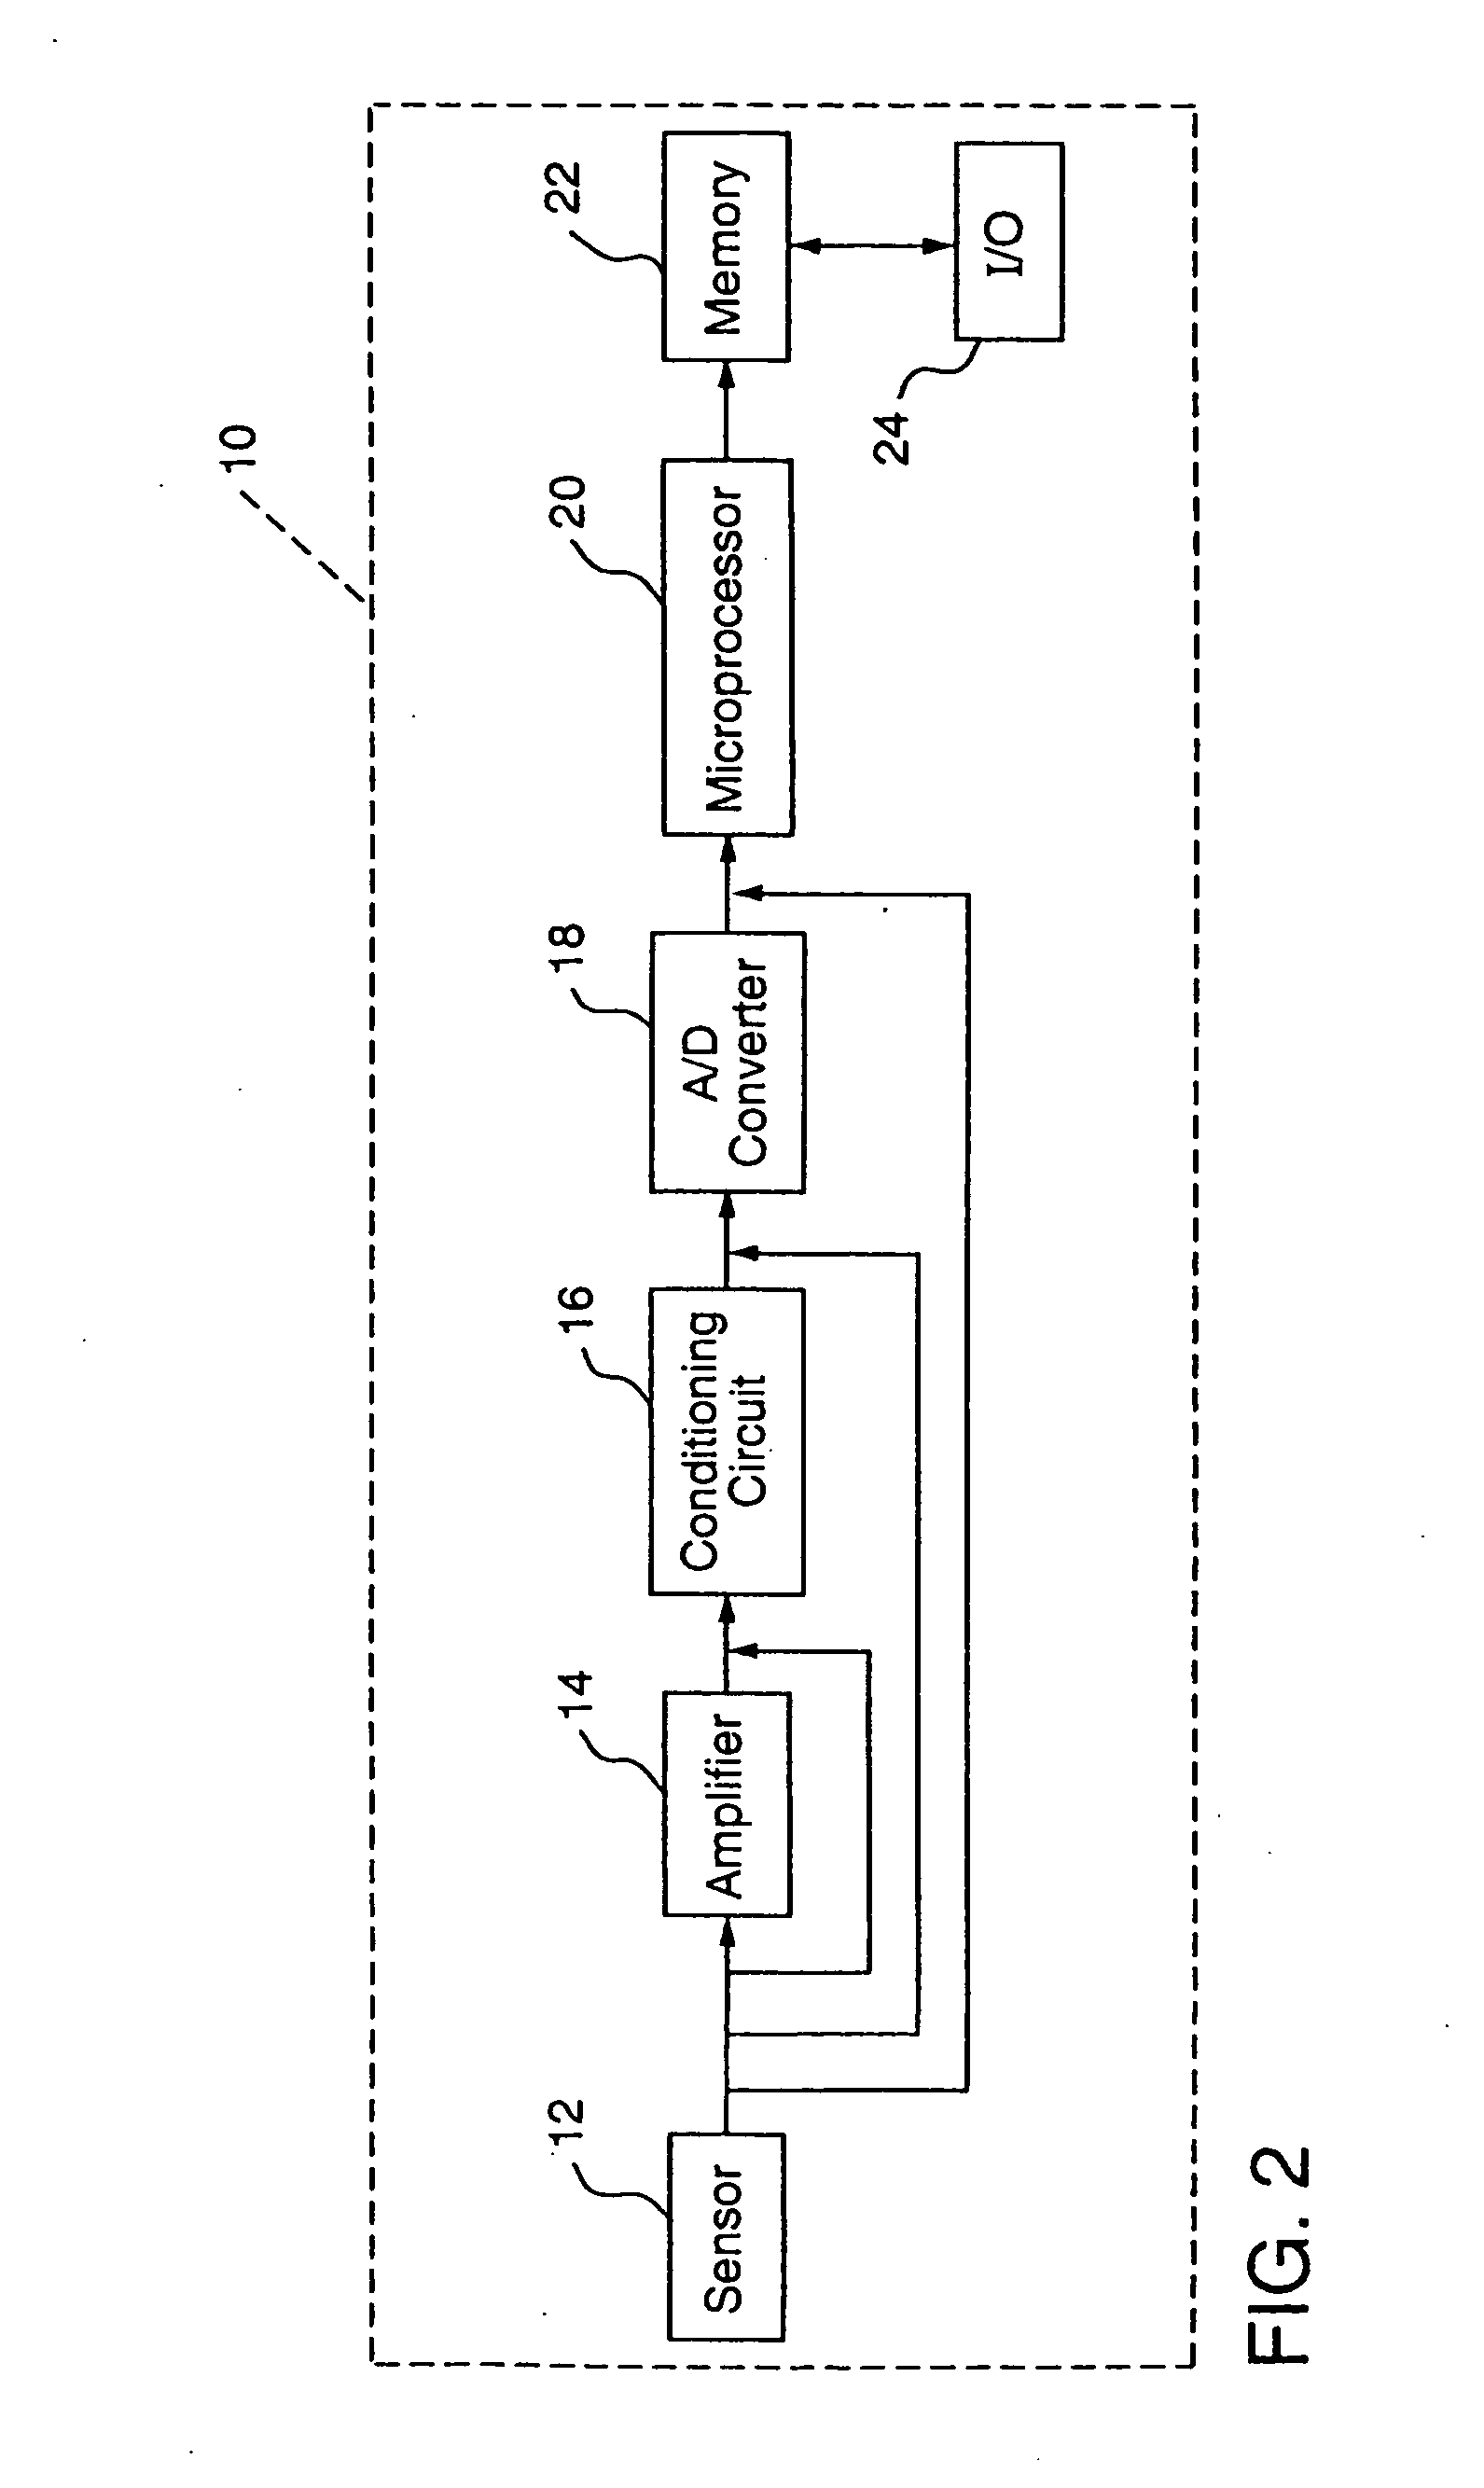 linear lightmeter circuit circuit diagram tradeoficcom indexhome · linear lightmeter circuit circuit diagram tradeoficcom · patent us 20060264730a1